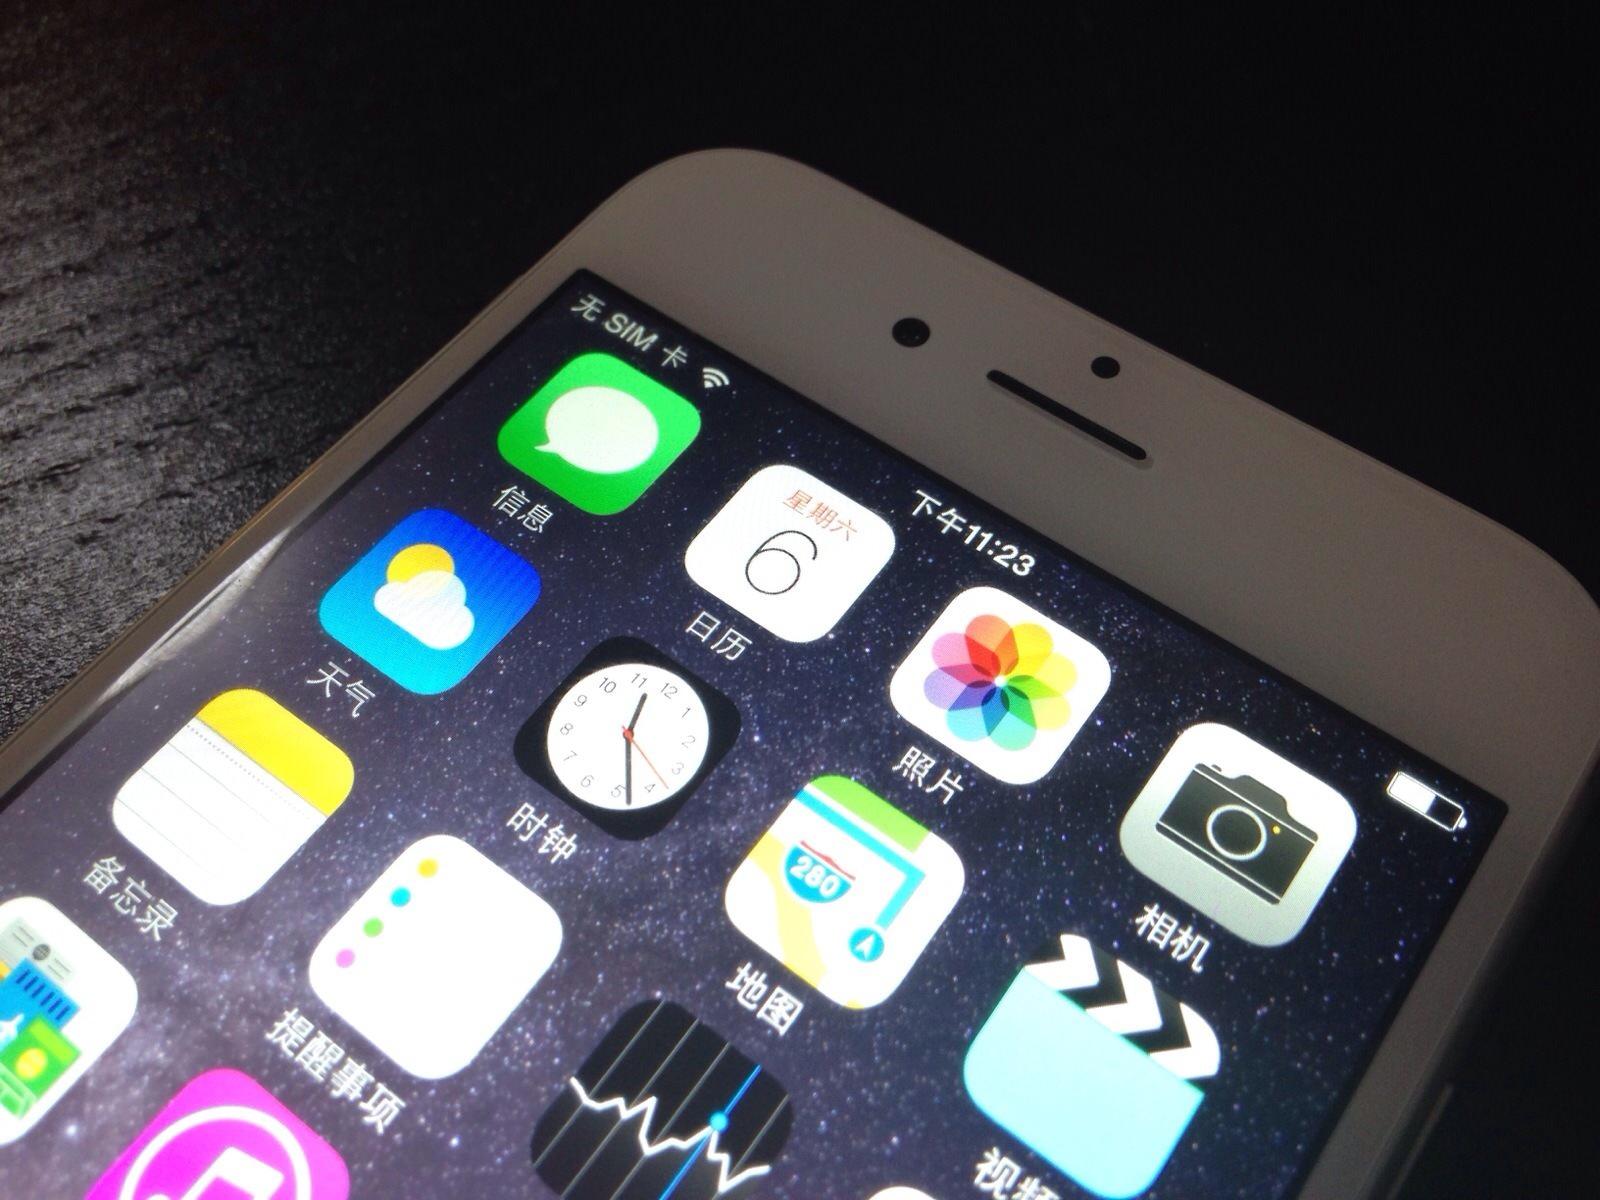 IPhone6 jikkileakphoto 11